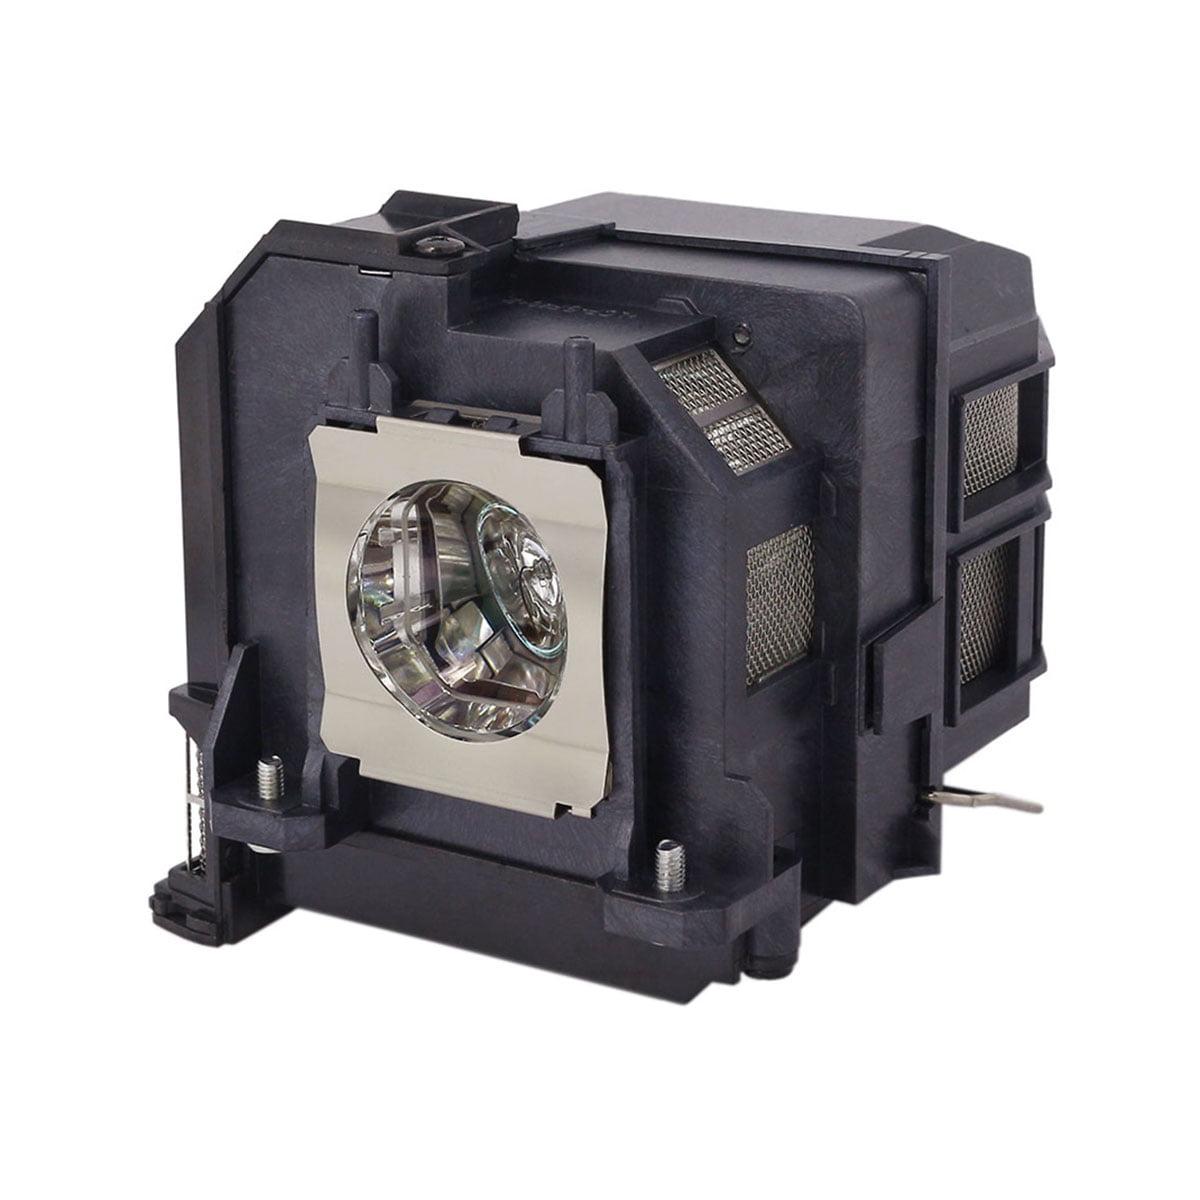 Lutema Platinum pour Epson EB-680S lampe de Projecteur avec bo�tier (ampoule Philips originale � l'int�rieur) - image 5 de 5